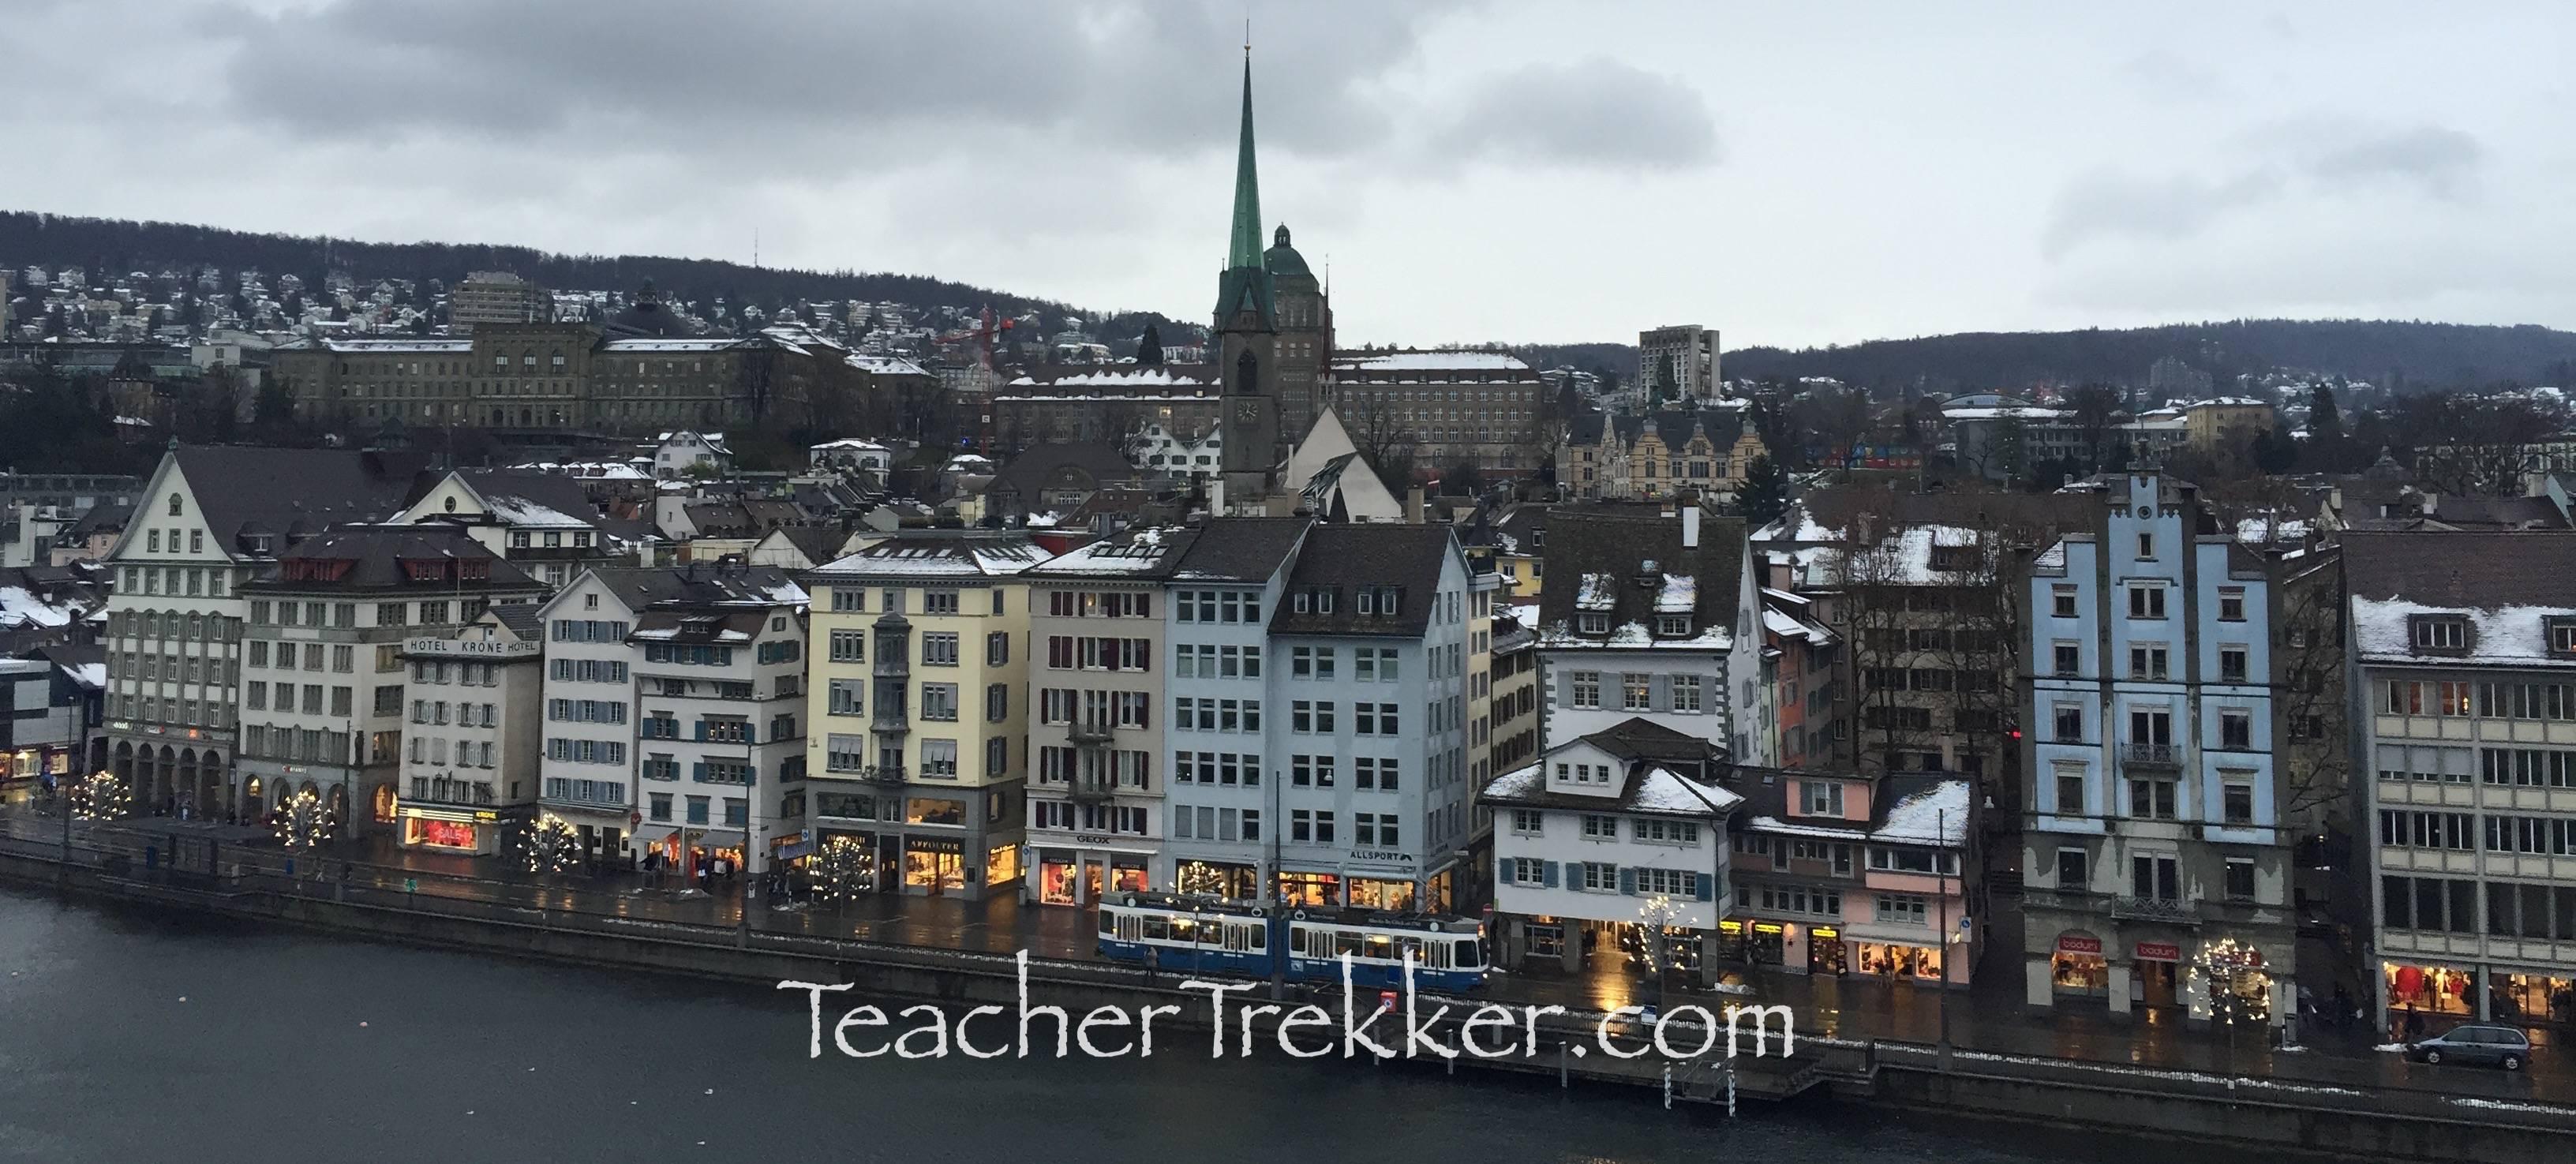 Zurich Switzerland Self Guided Walking Tour Part 1 Overview